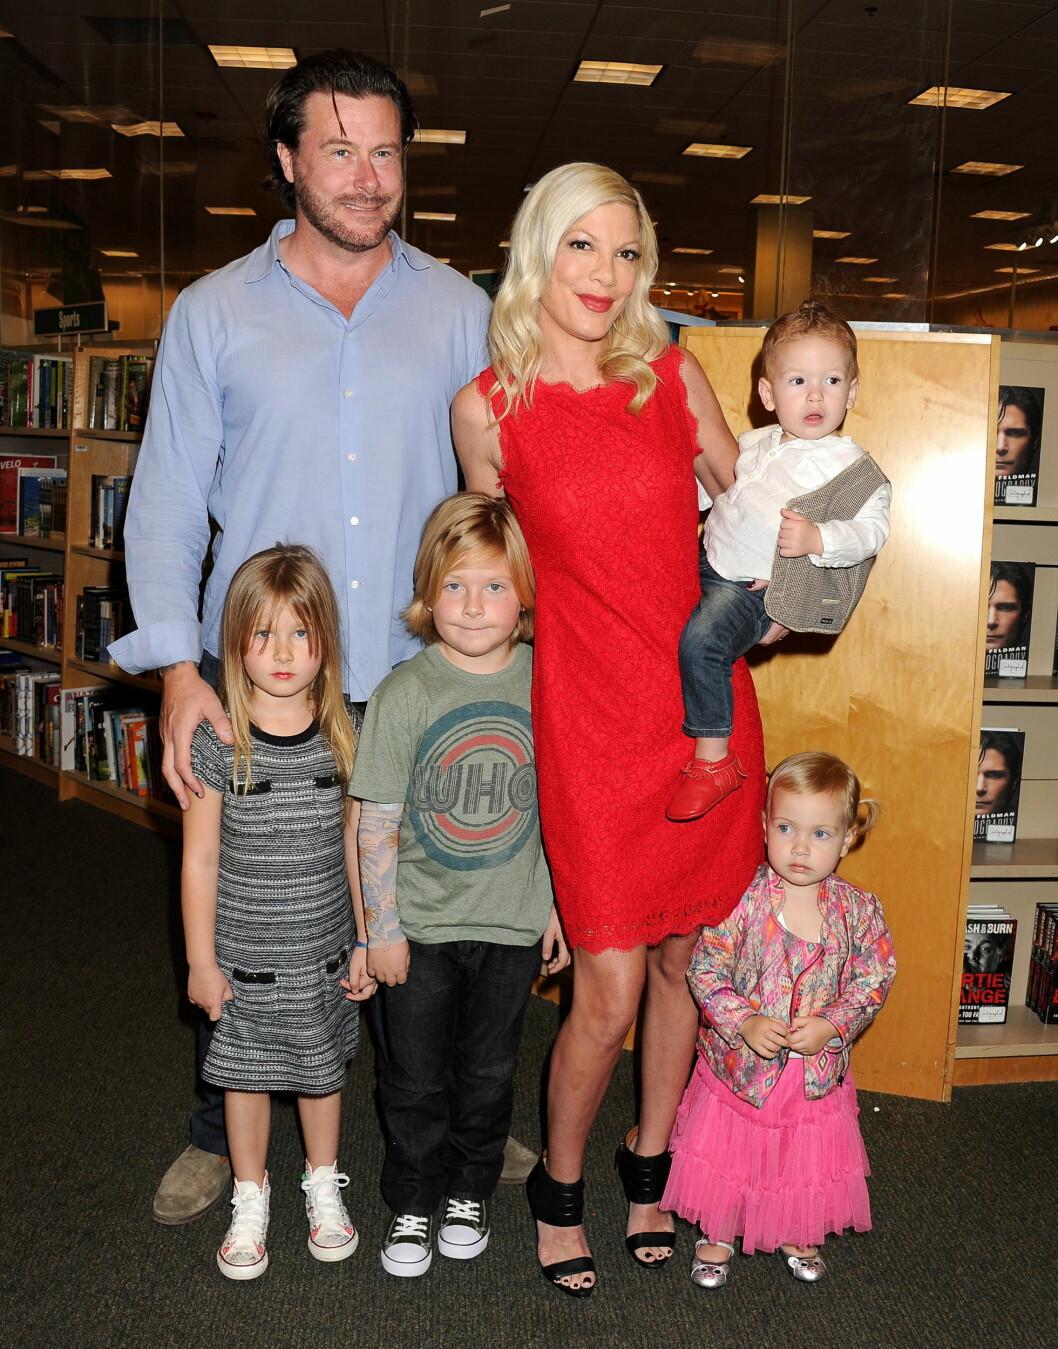 STOR FAMILIE: Til tross for svært trange tider økonomisk de siste årene, har paret valgt å få hele fire barn sammen. Foto: REX/Broadimage/All Over Press